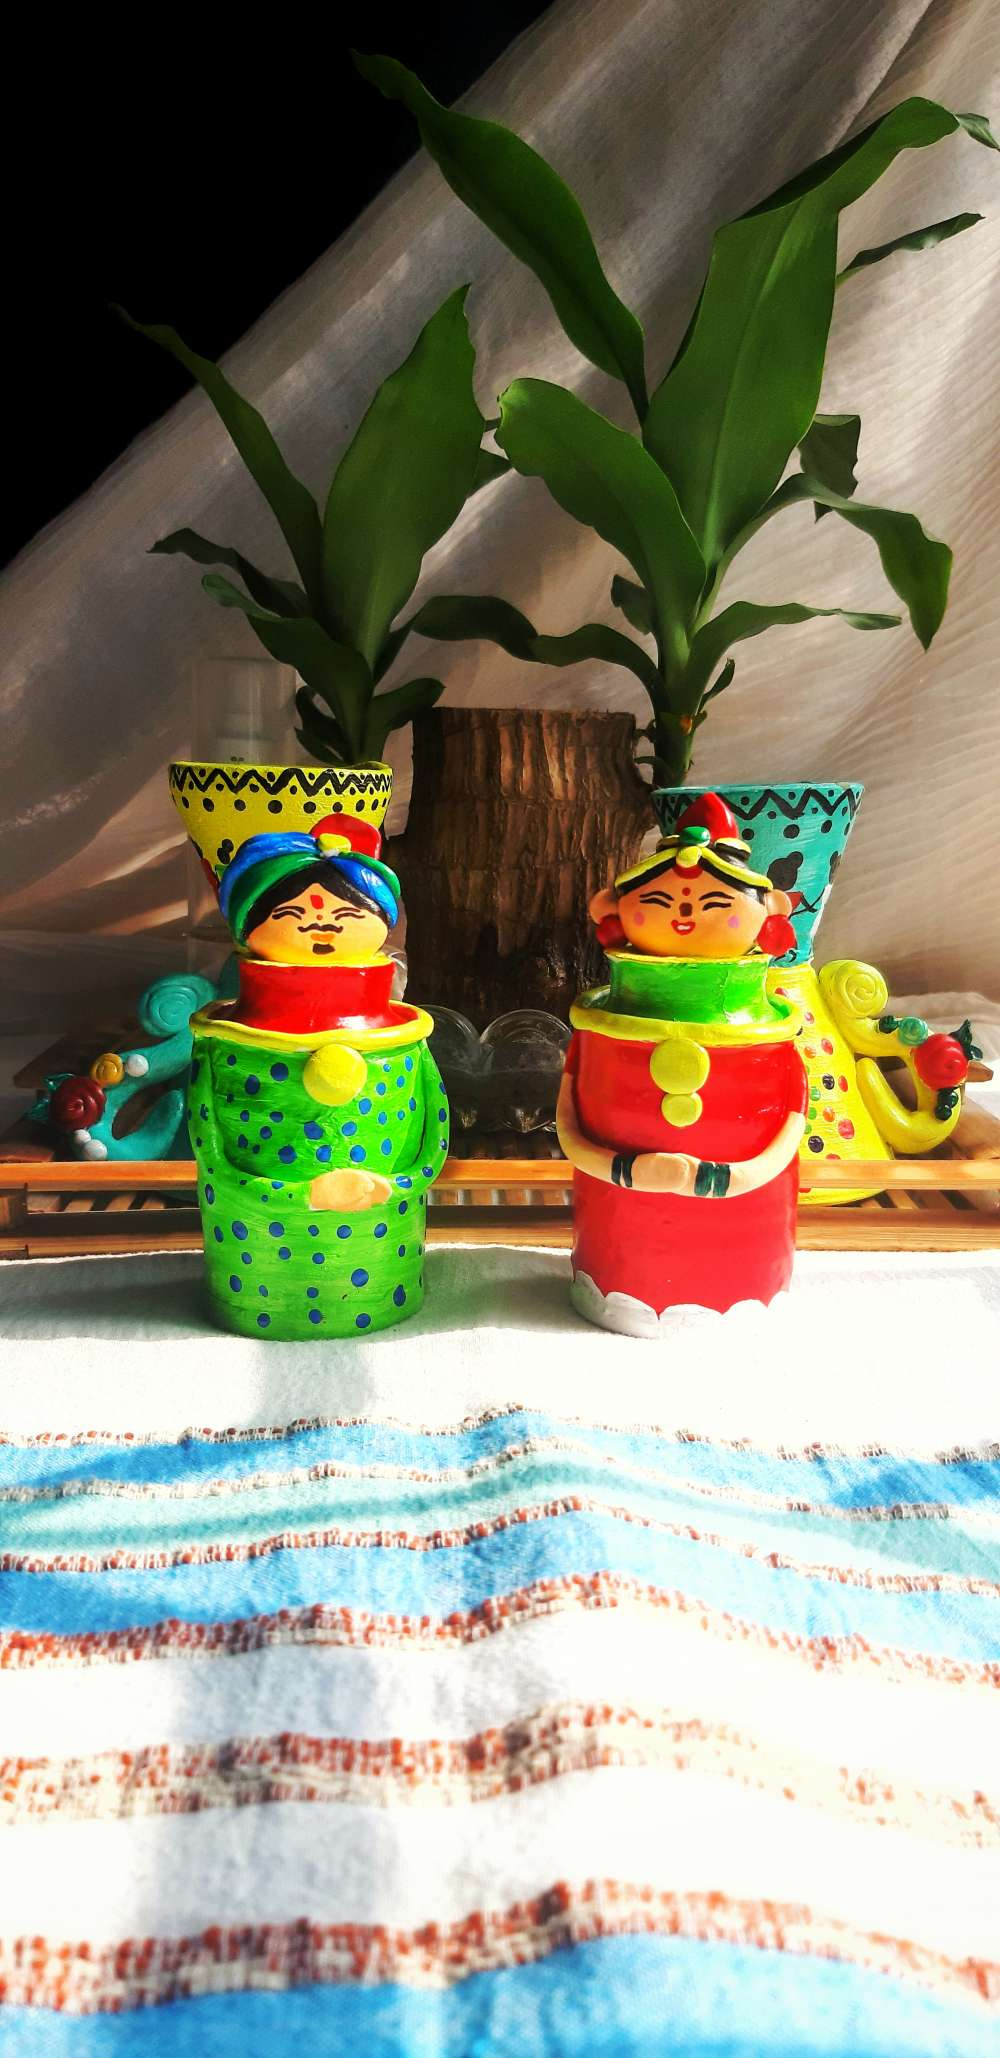 Earthen dolls